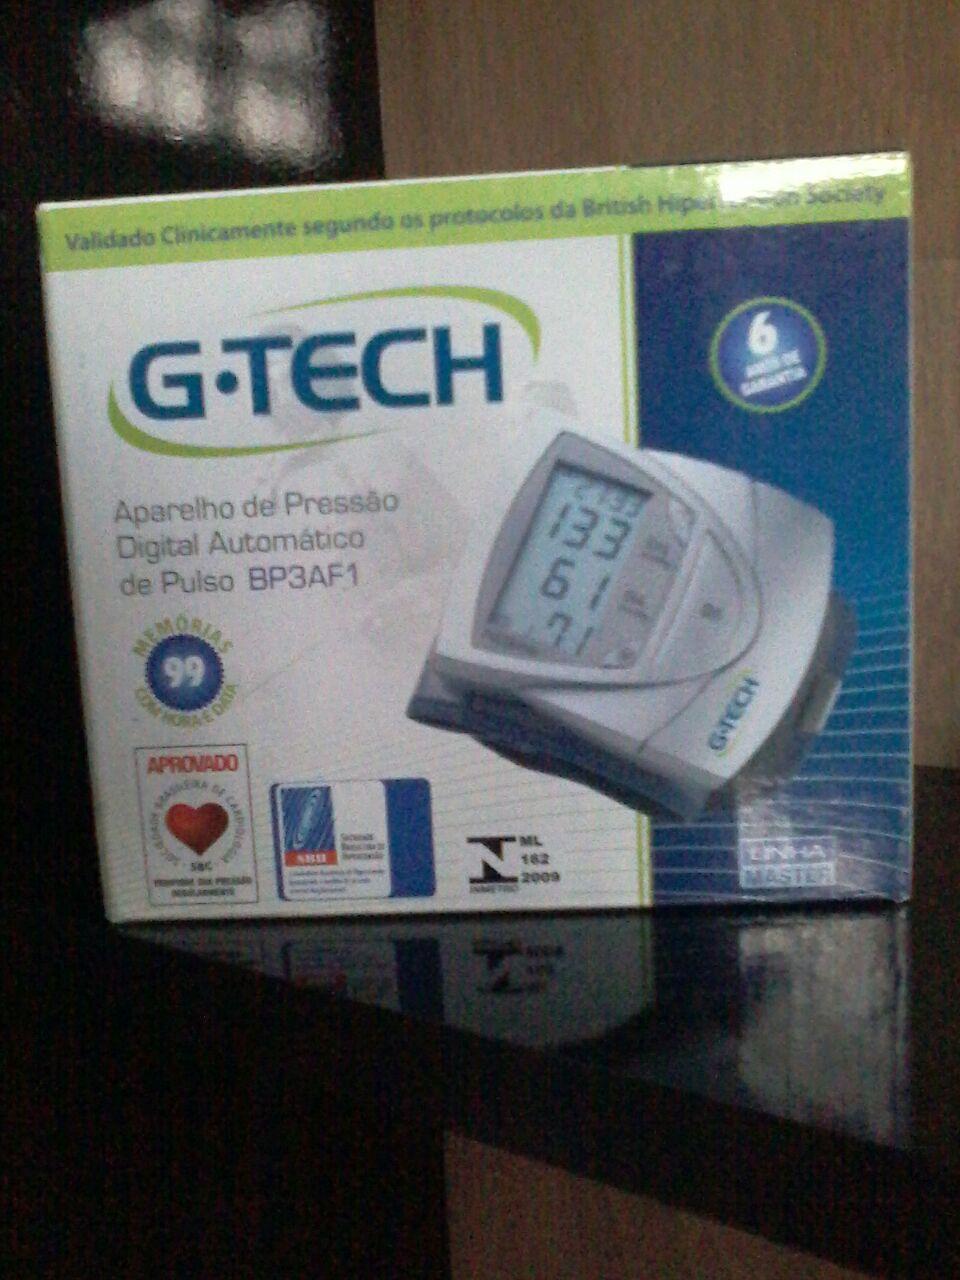 0664e1225 Portal do Médico - Medidor De Pressão Arterial Digital De Pulso Bp3af1 G- tech